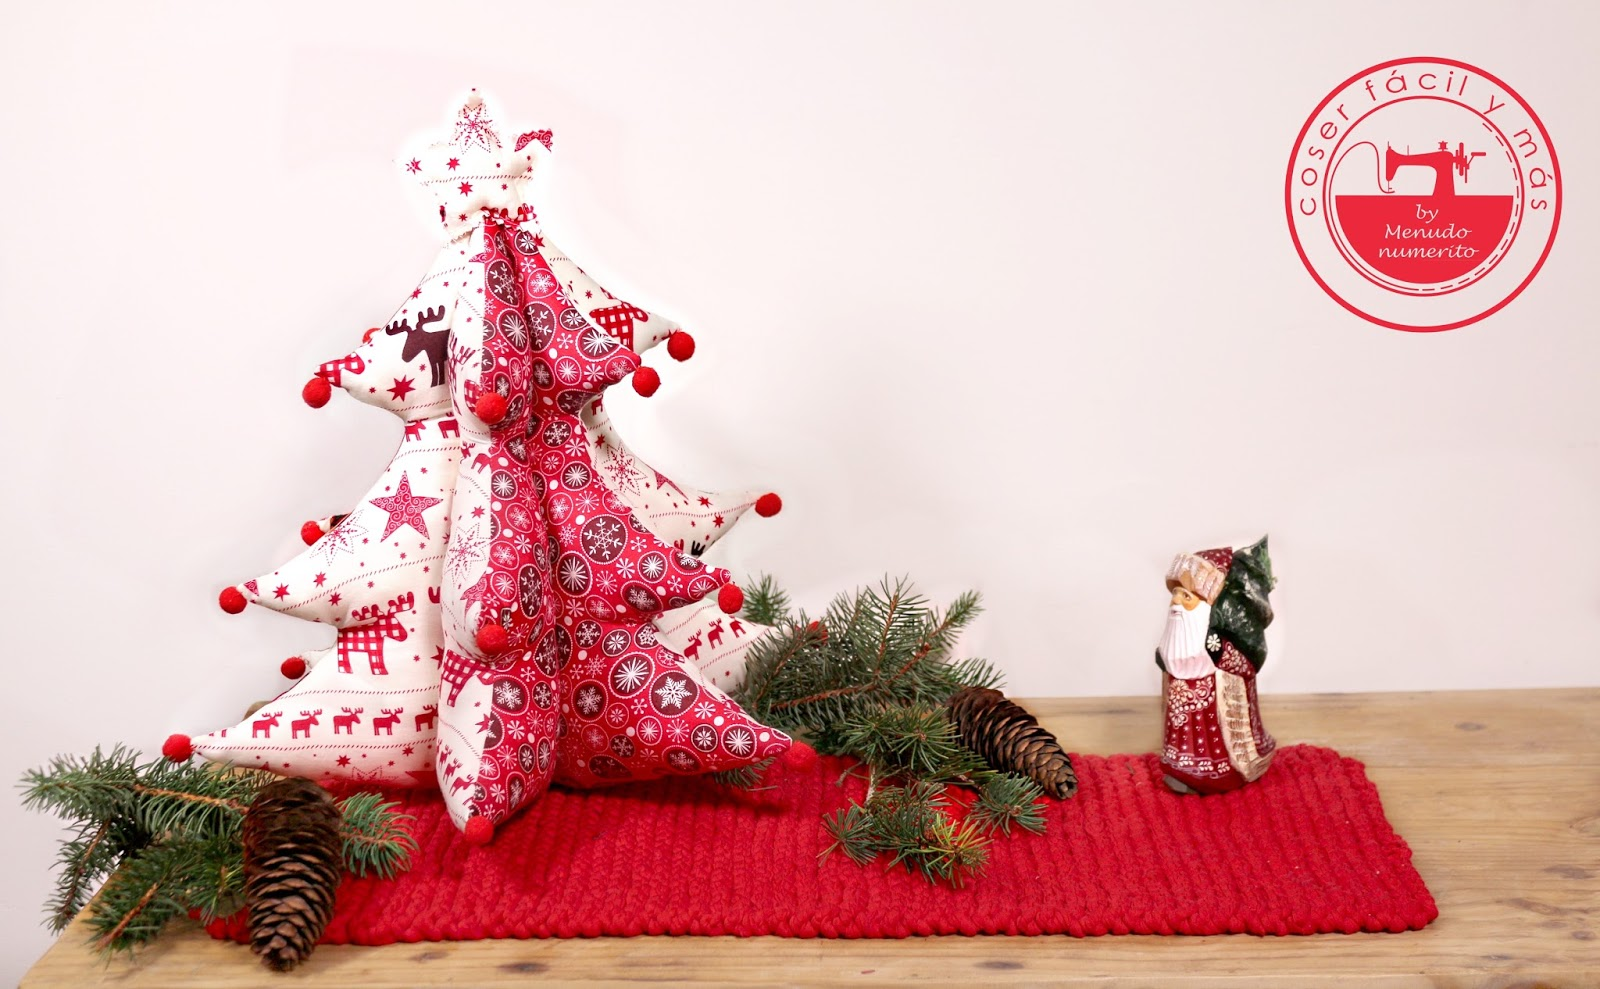 confeccionamos un rbol de navidad de tela combinando varios estampados he colgado el patrn el la web para que puedas descargarlo gratuitamente y hace - Arbol De Navidad De Tela